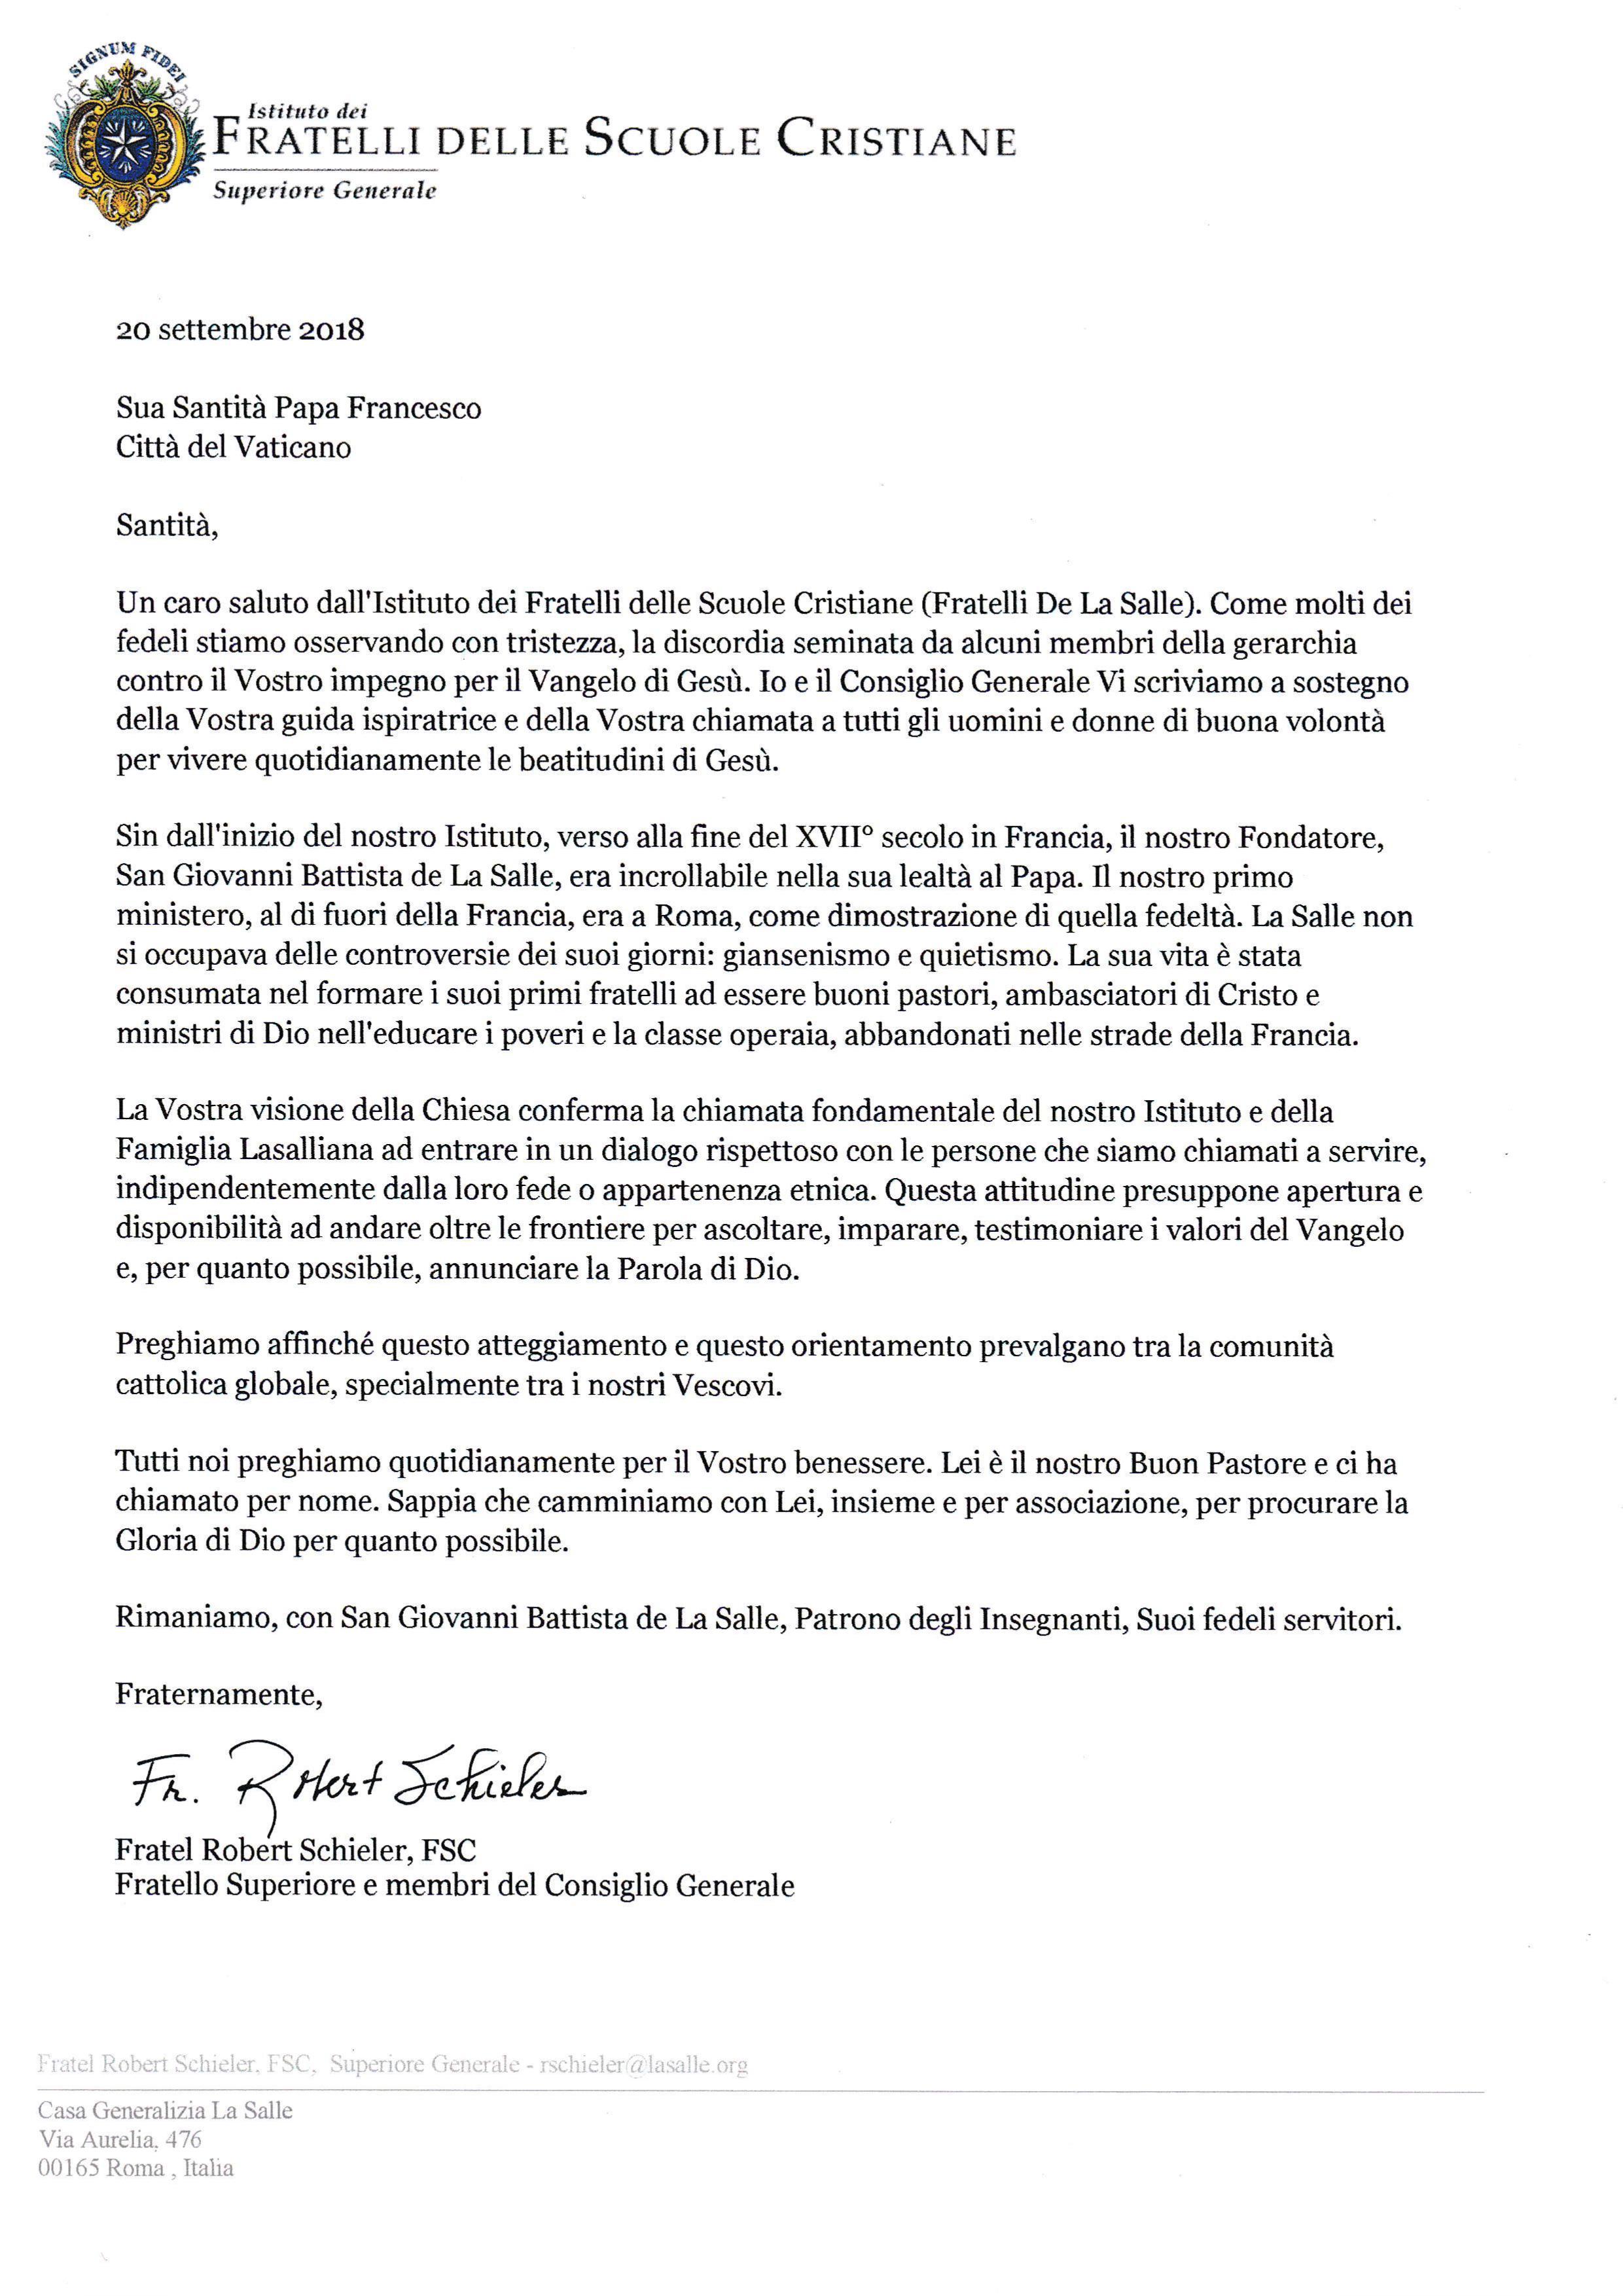 CARTA DEL HERMANO SUPERIOR AL PAPA. APOYO INSTITUCIONAL 20-SEP-2018